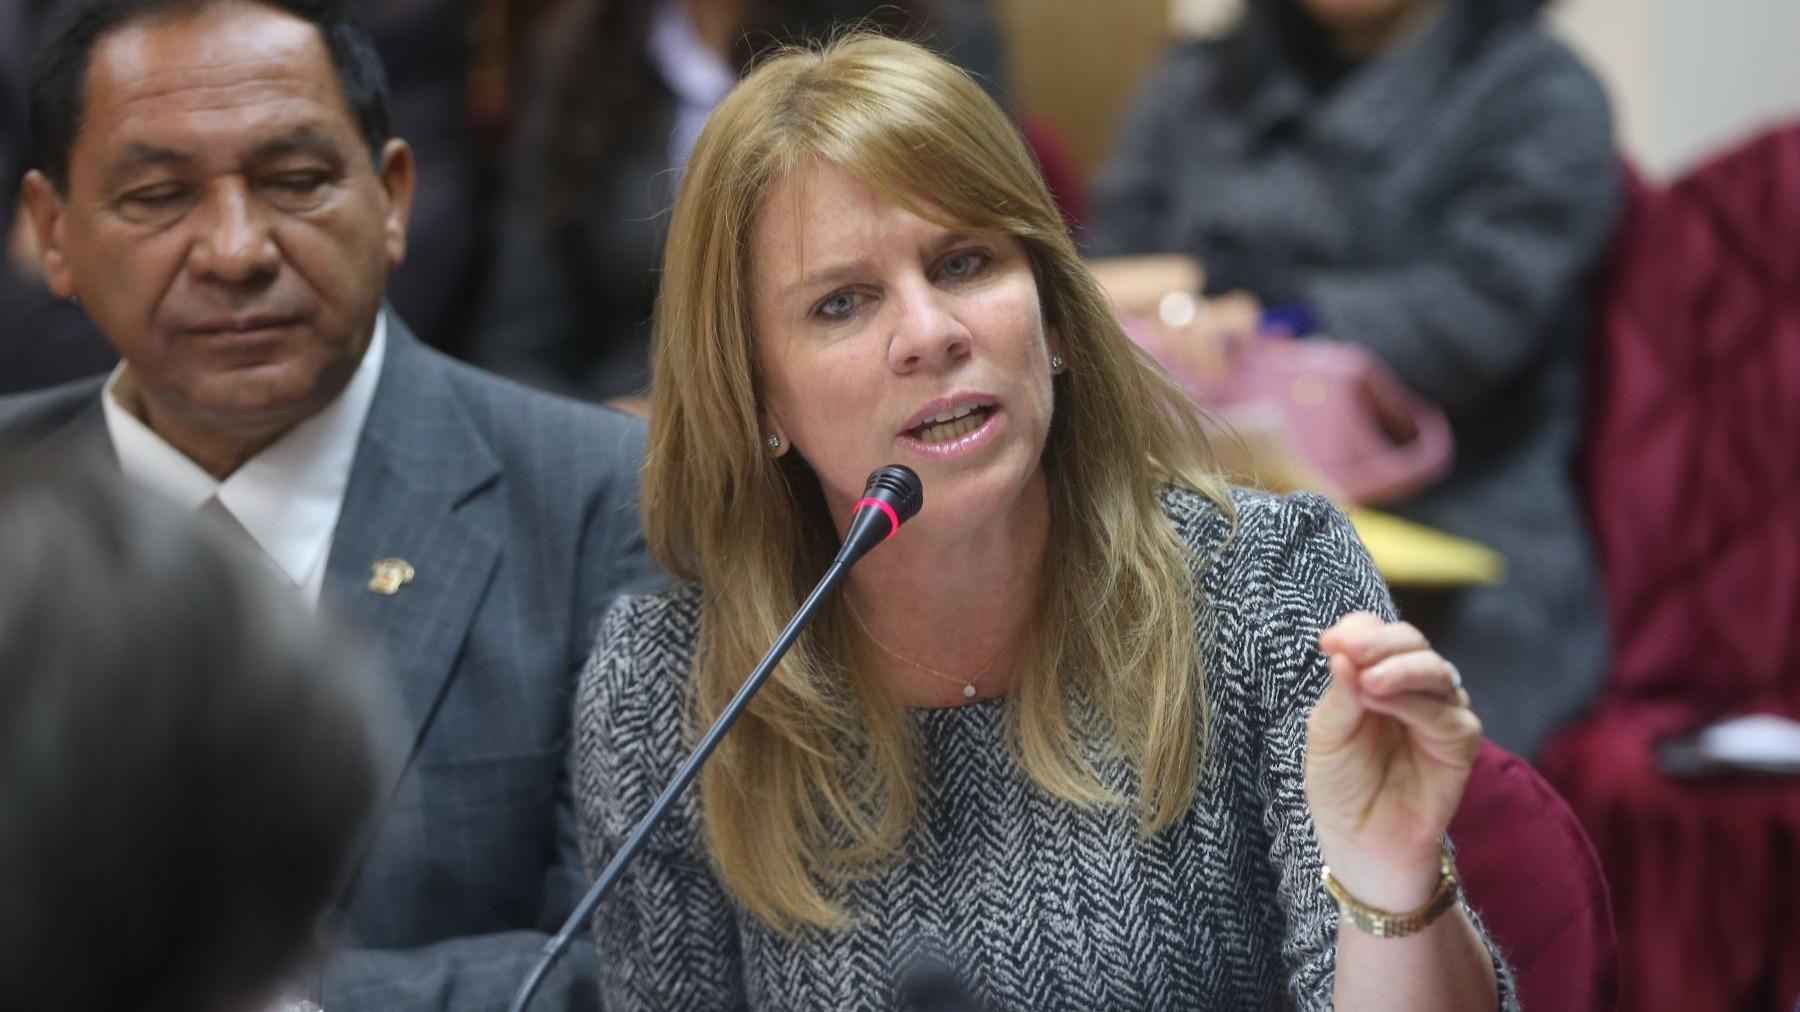 La ministra defendió la decisión de PPK de otorgar el indulto humanitario a Alberto Fujimori.